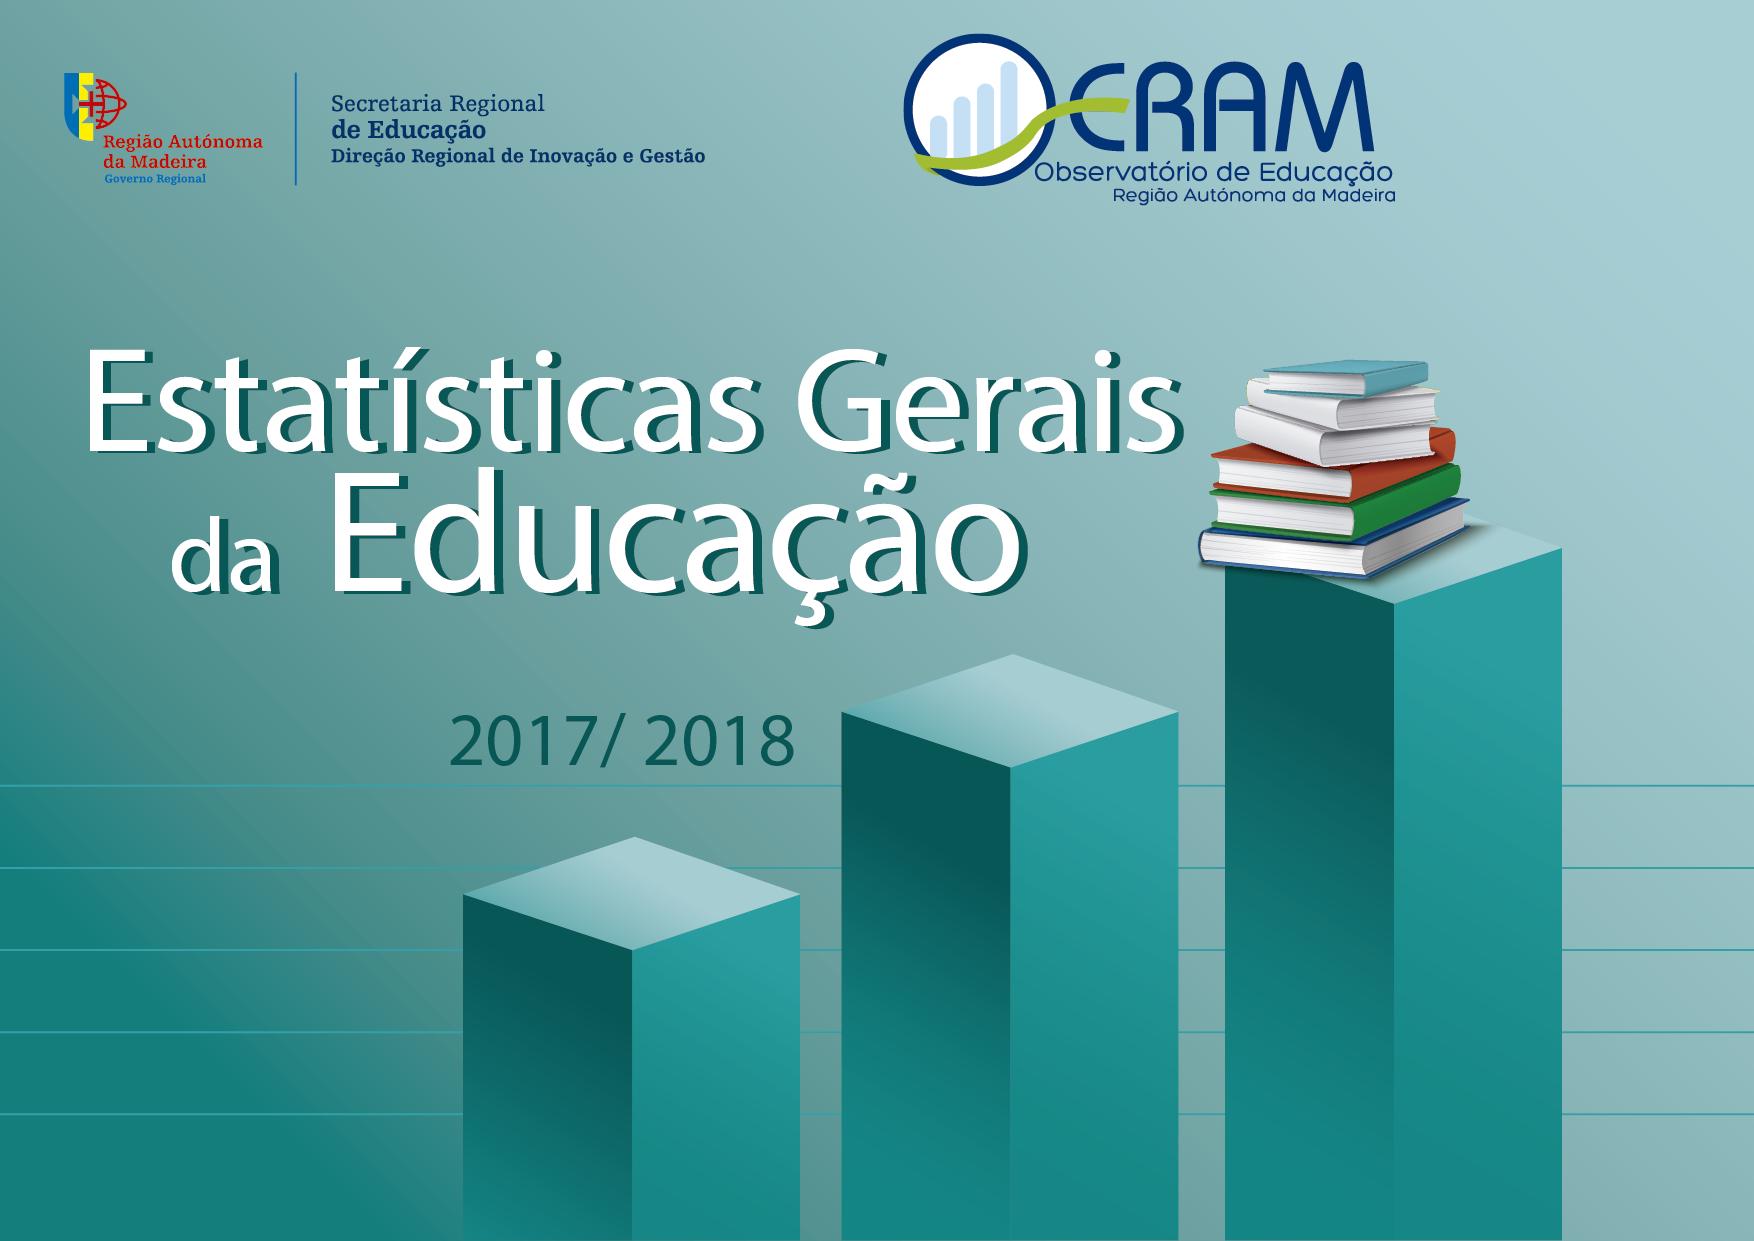 Estatísticas Gerais da Educação 2017/2018